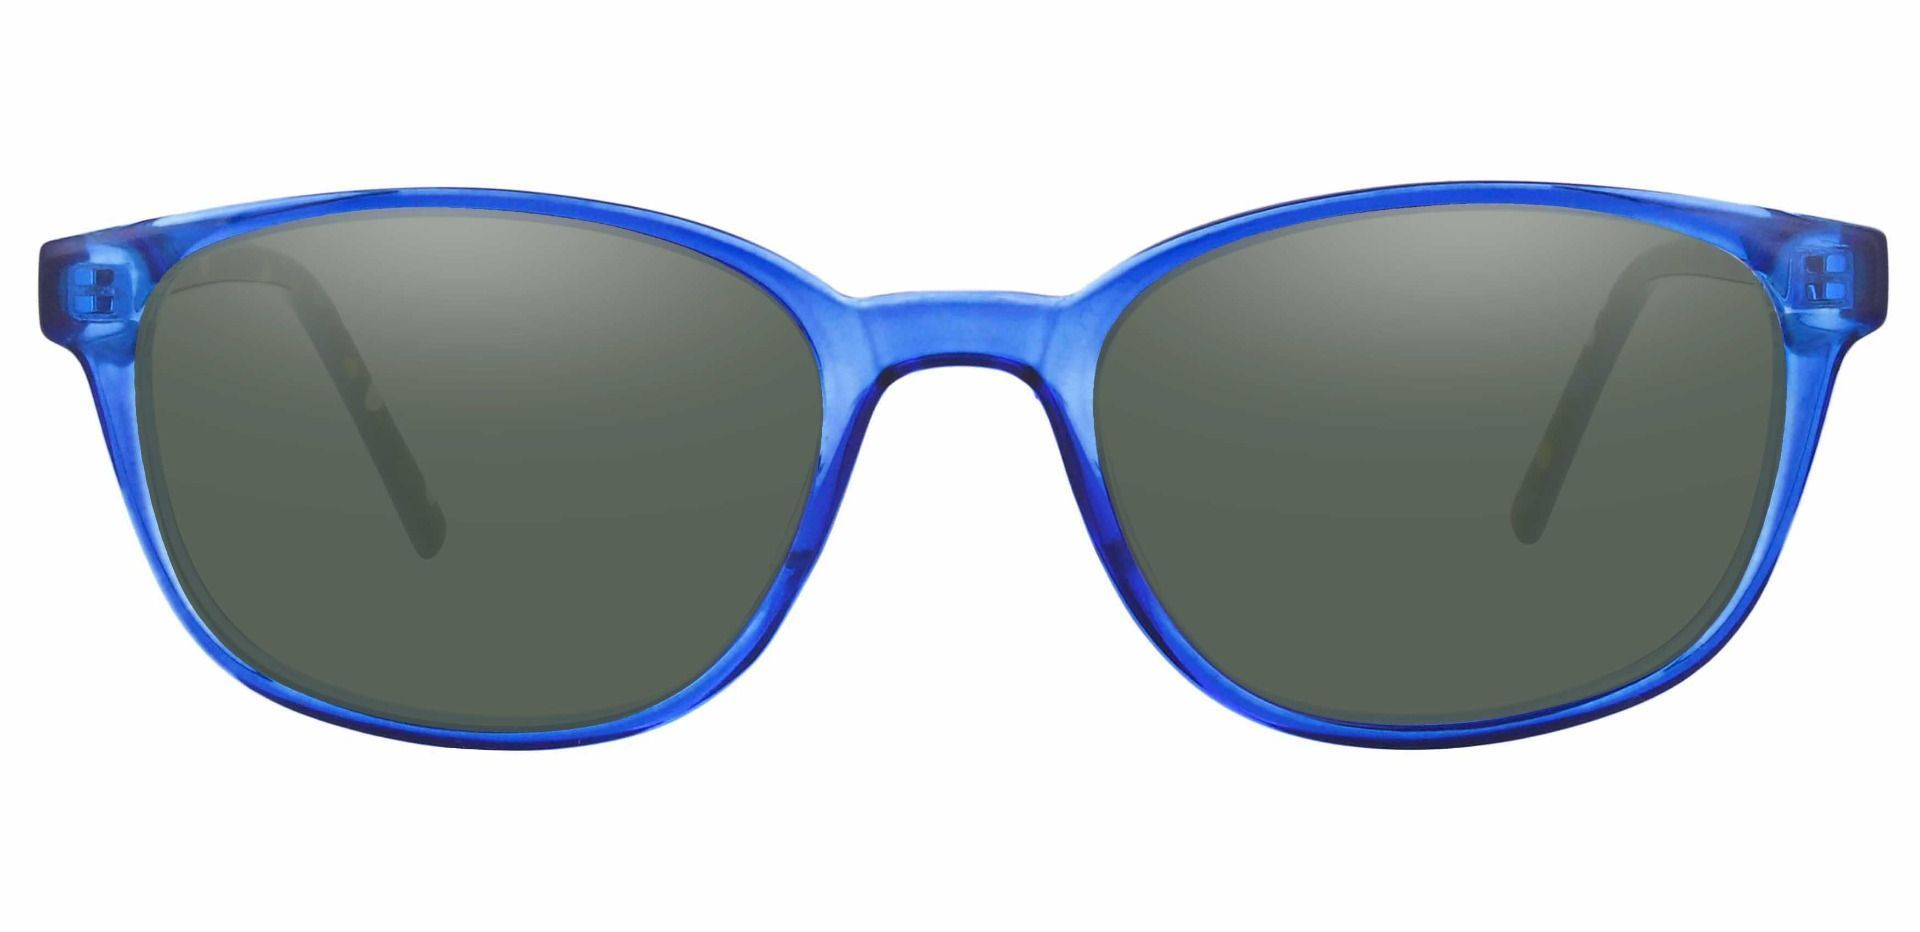 Branson Rectangle Prescription Sunglasses - Blue Frame With Green Lenses